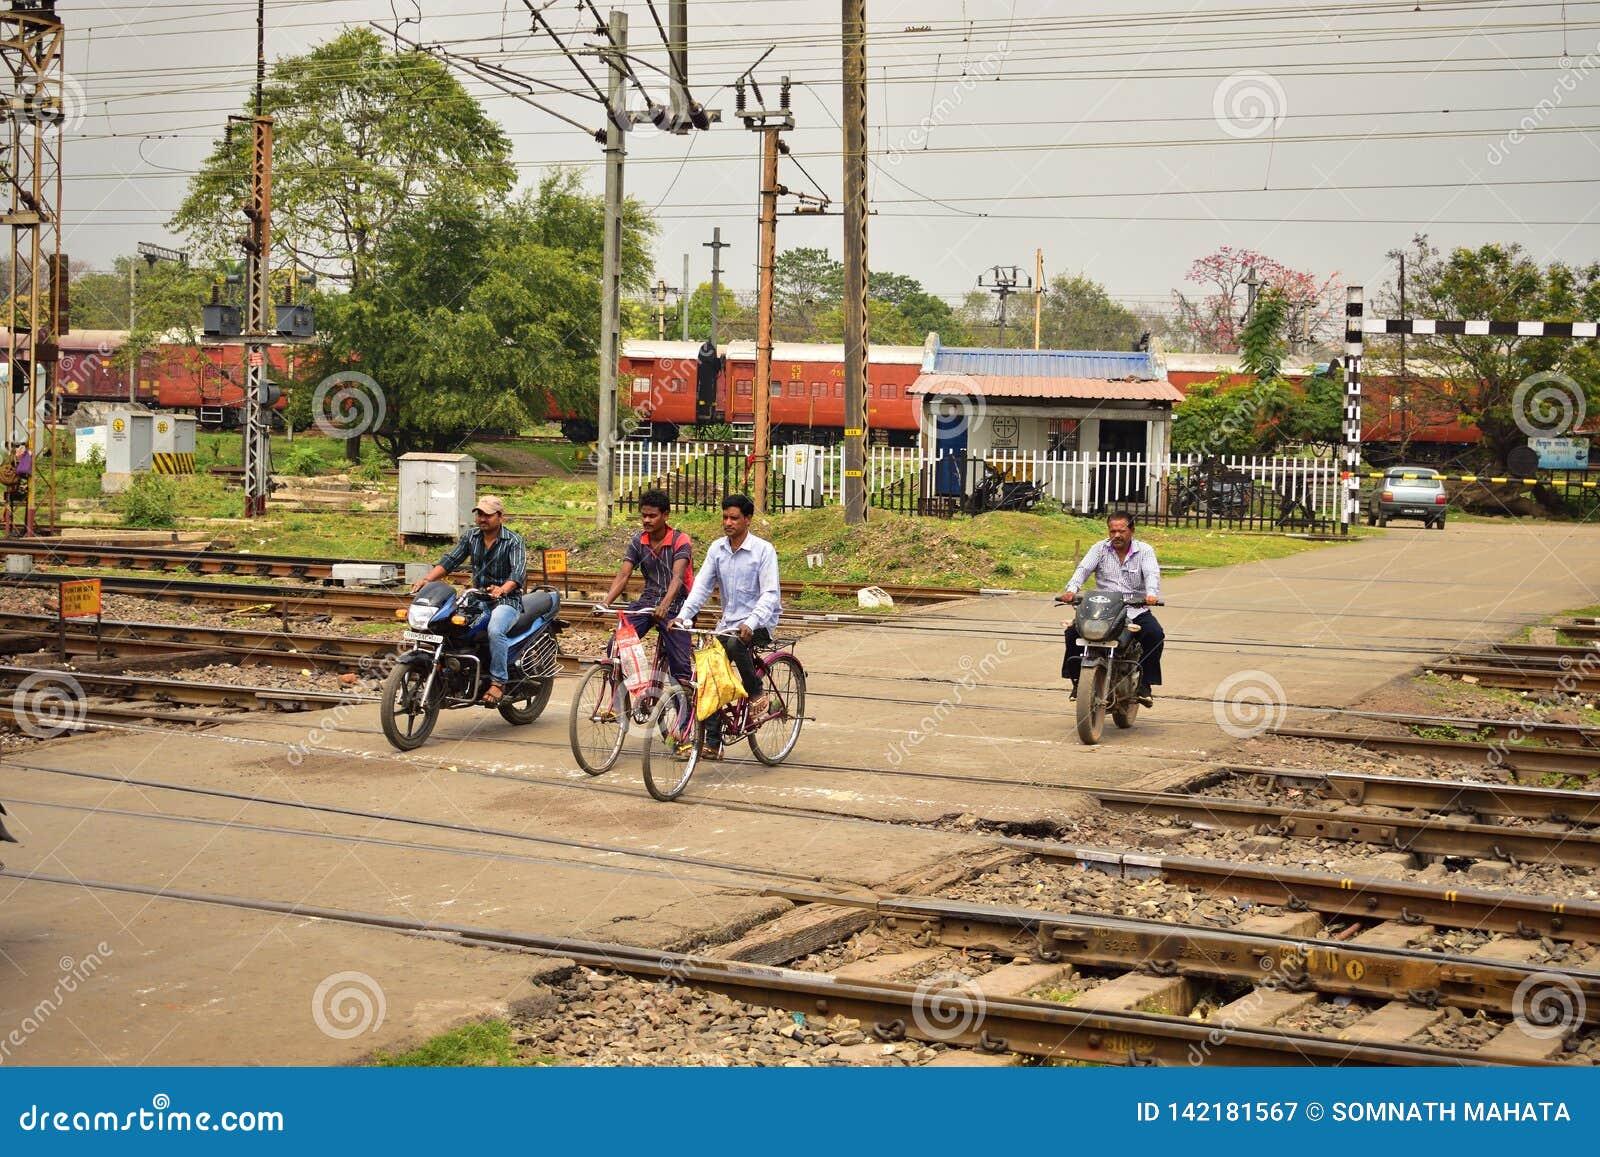 某些人在Tatanagar火车站附近横渡铁路交叉在摩托车或在周期